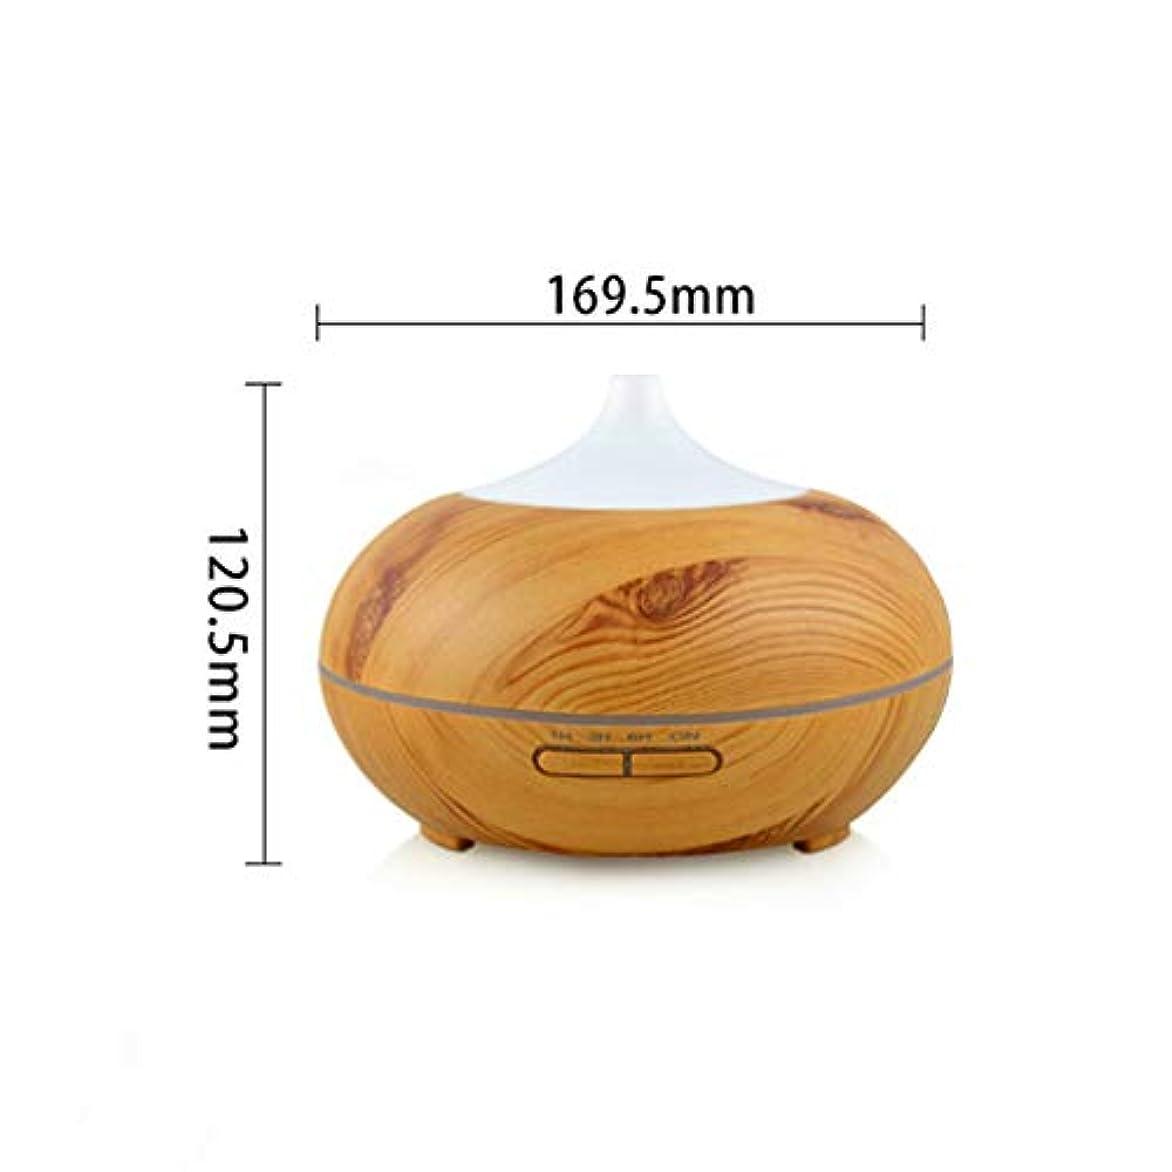 バー例外責任者木目 涼しい霧 加湿器,7 色 空気を浄化 加湿機 時間 手動 Wifiアプリコントロール 精油 ディフューザー アロマネブライザー Yoga- 300ml